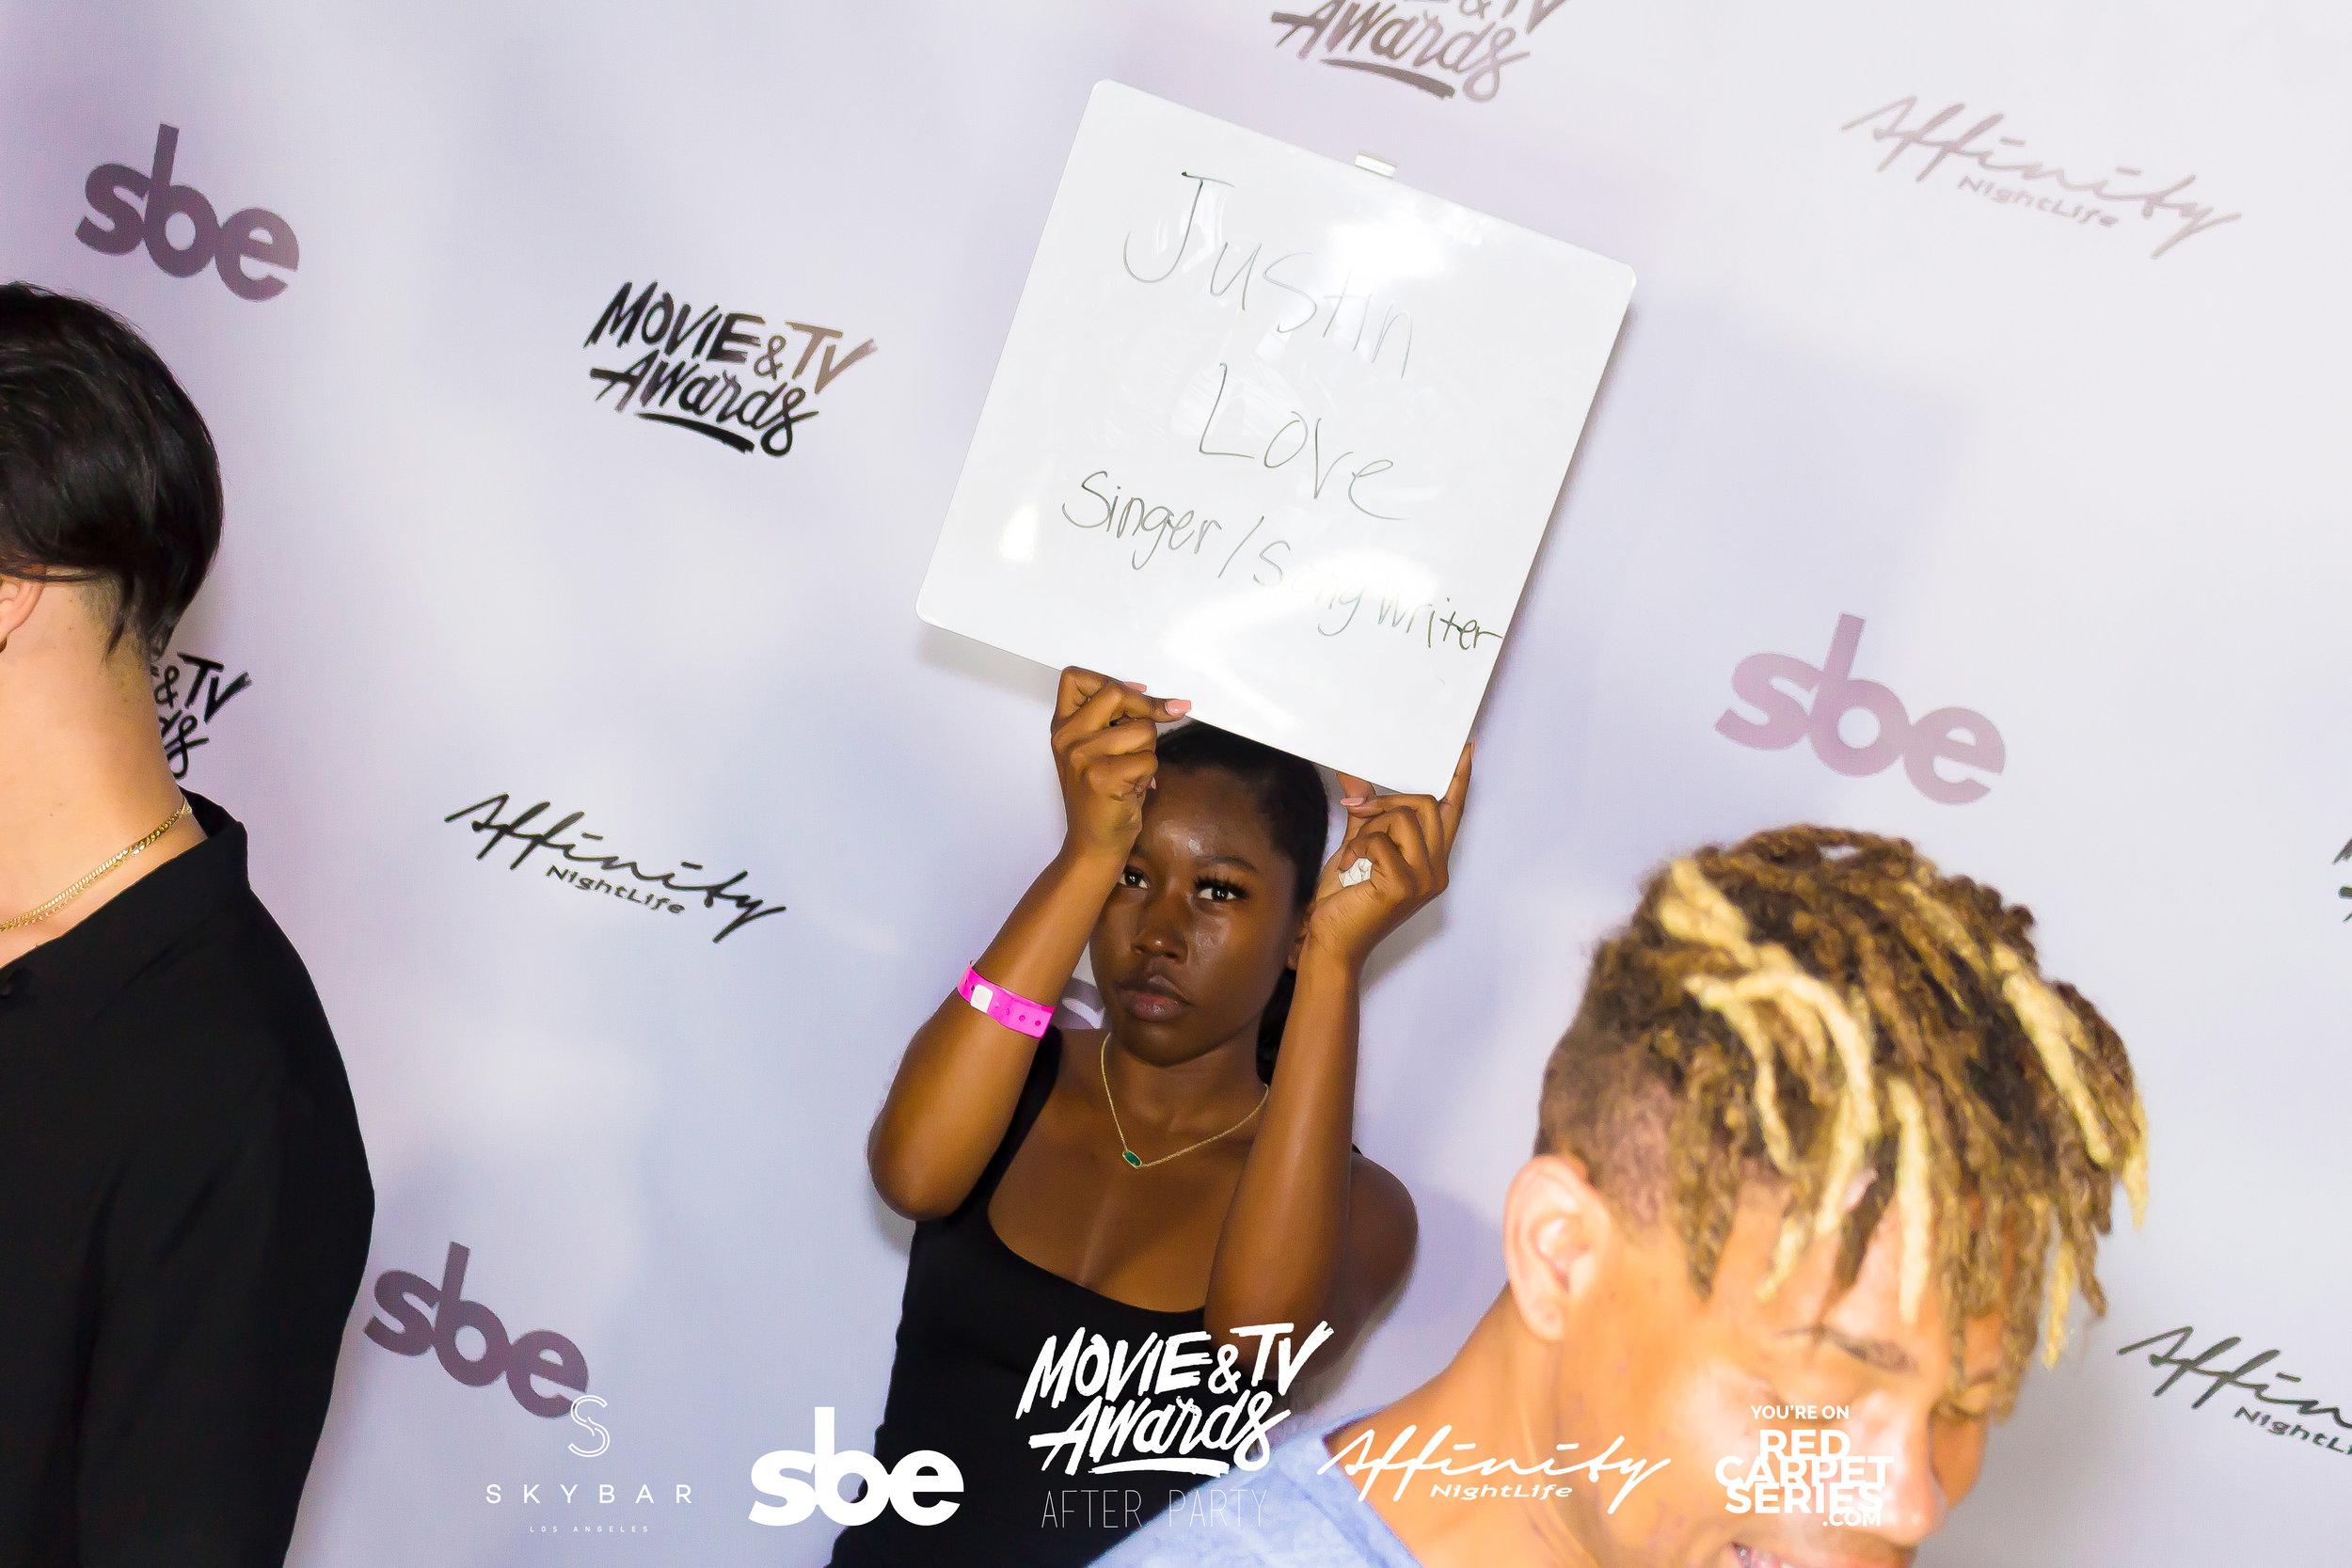 Affinity Nightlife MTV Movie & TV Awards After Party - Skybar at Mondrian - 06-15-19 - Vol. 1_133.jpg